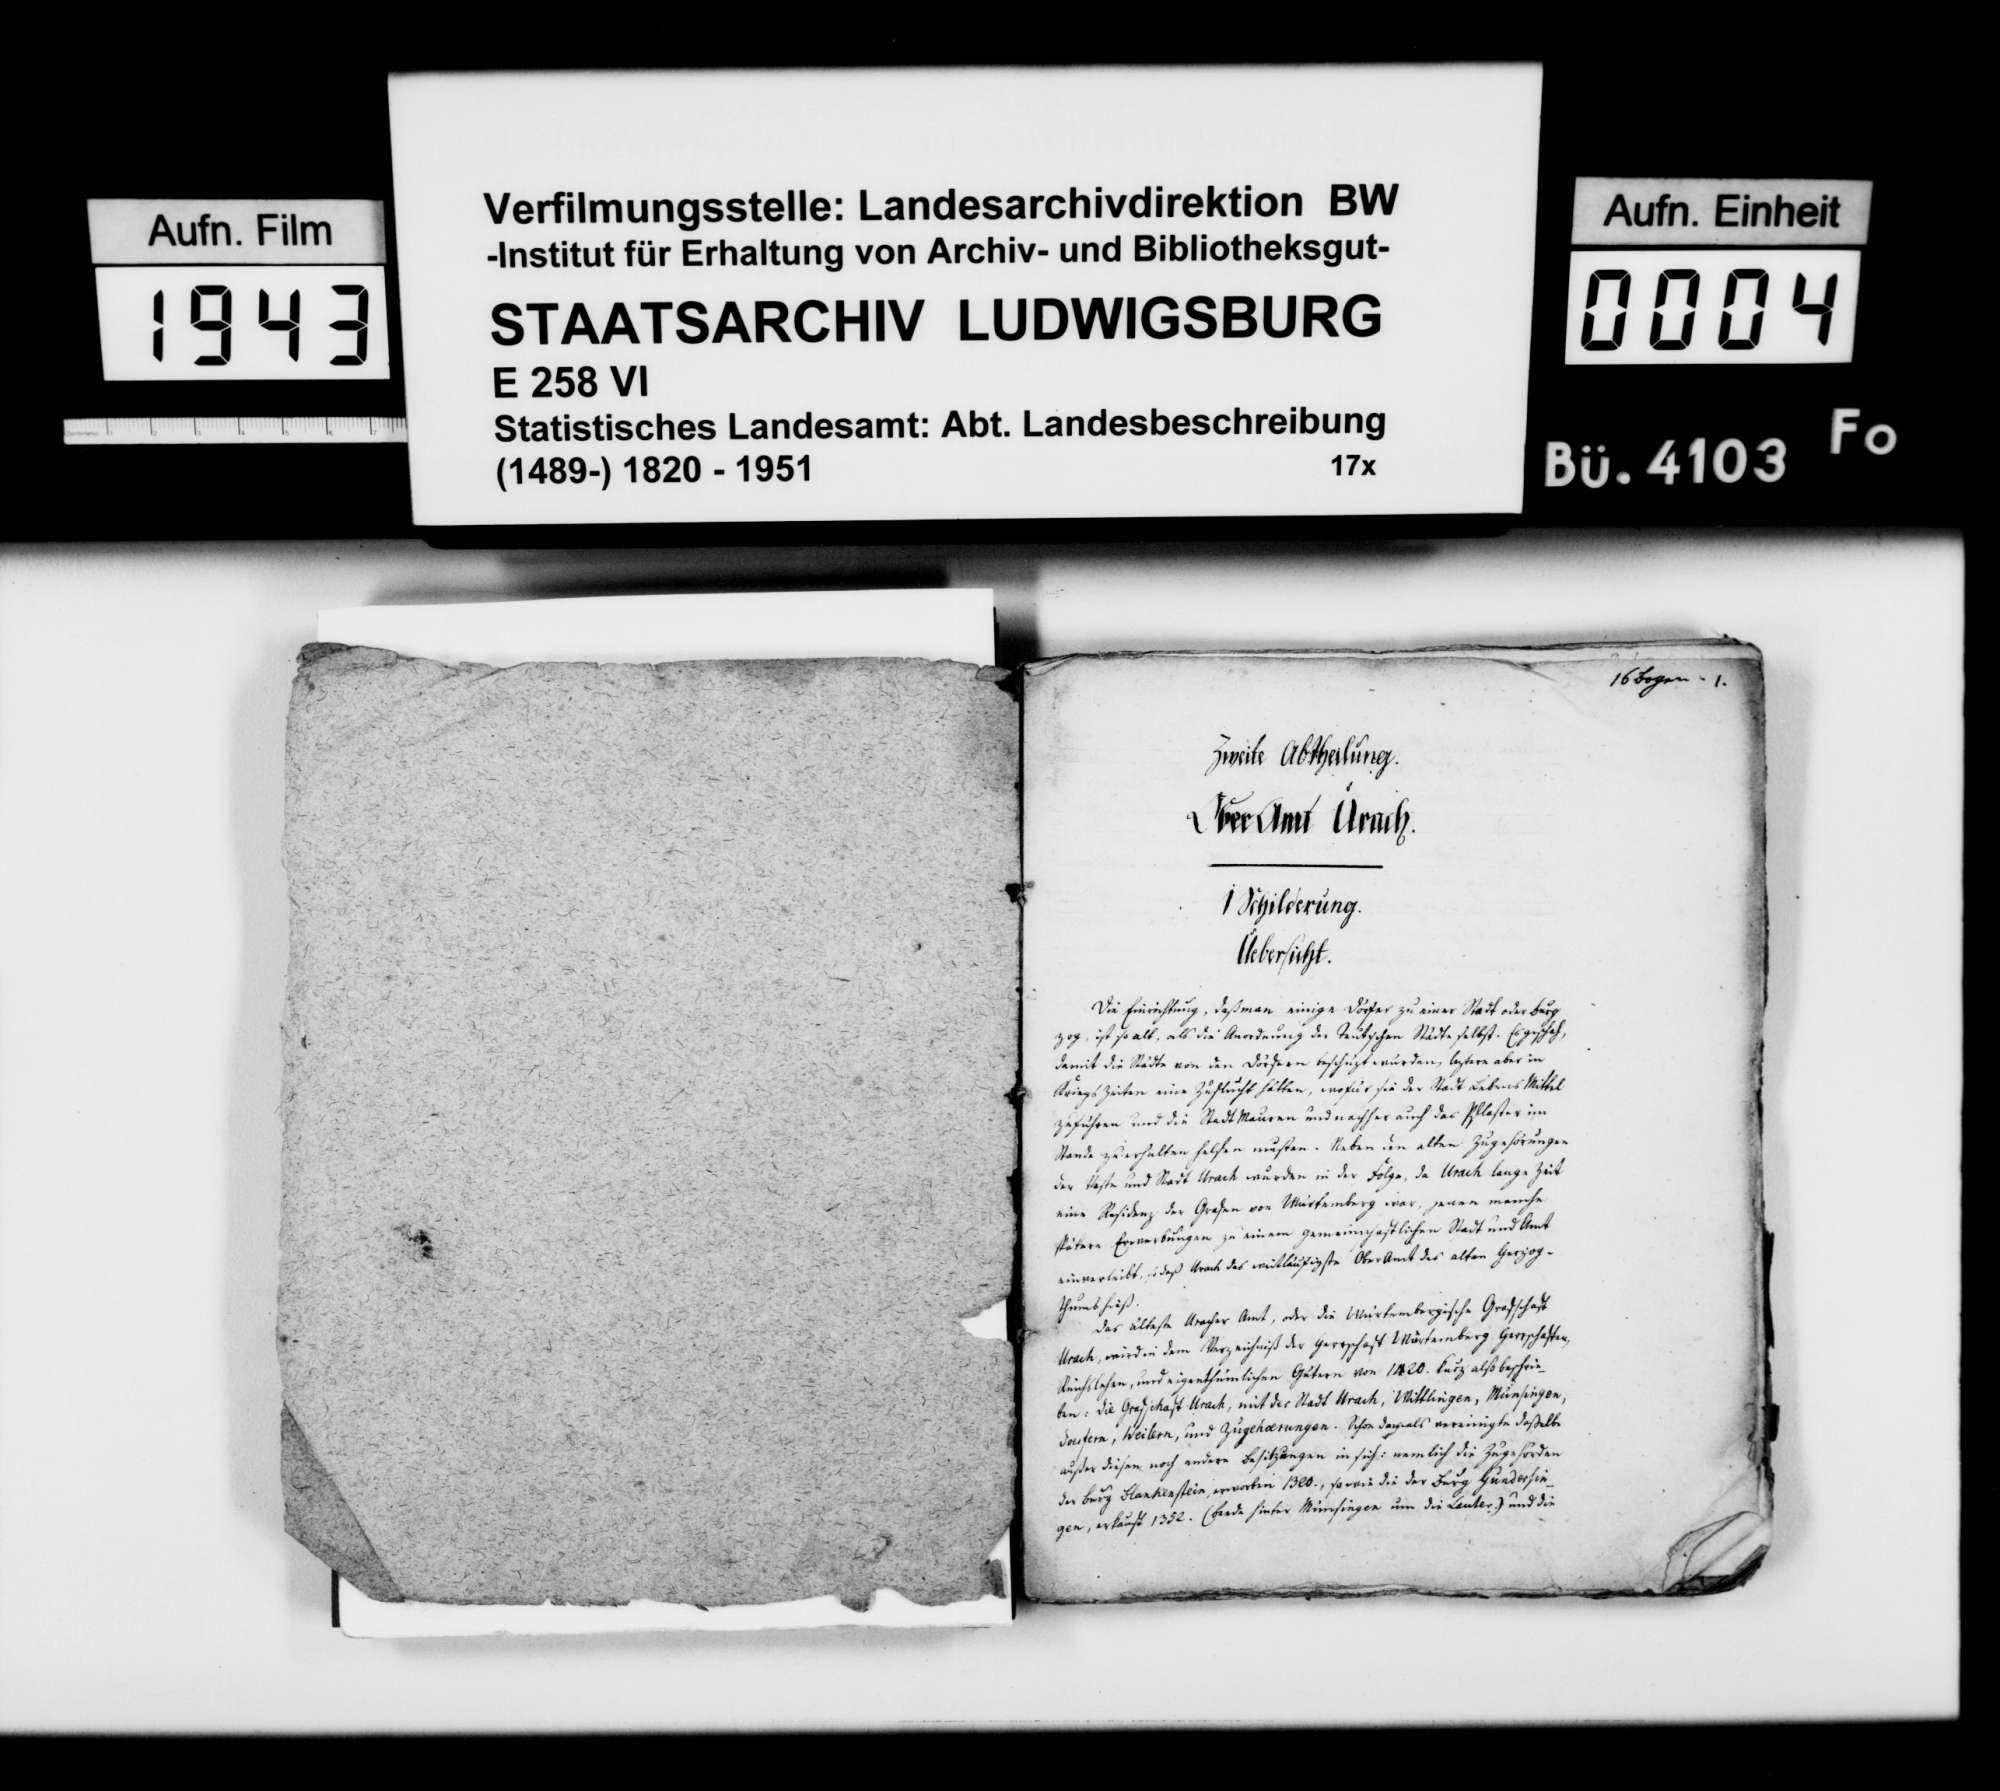 Manuskript des Pfarrers [Karl Christian] Gratianus aus Hengen: Urachs kleine Chronik, 2. und 3. Buch: Das Oberamt. Zweite Bearbeitungsstufe, Bild 2